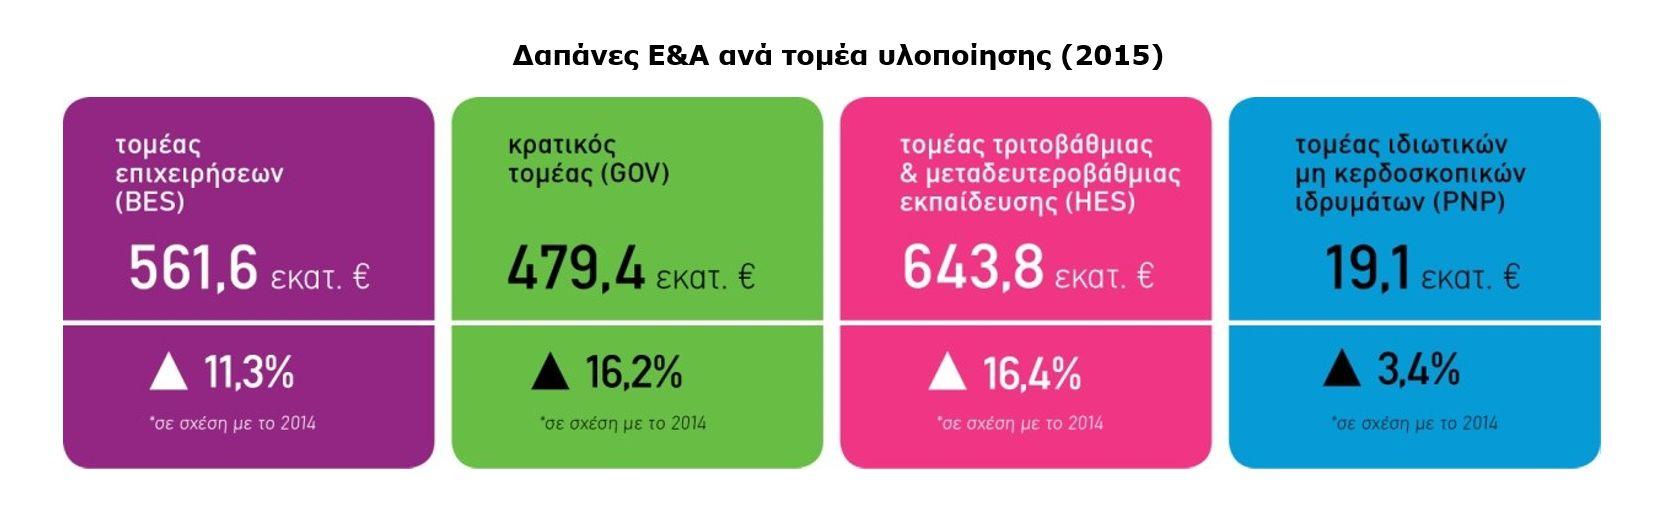 Στο 0,97% του ΑΕΠ το ποσοστό δαπανών για Έρευνα & Ανάπτυξη το 2015, σύμφωνα με τα τελικά στοιχεία του Εθνικού Κέντρου Τεκμηρίωσης